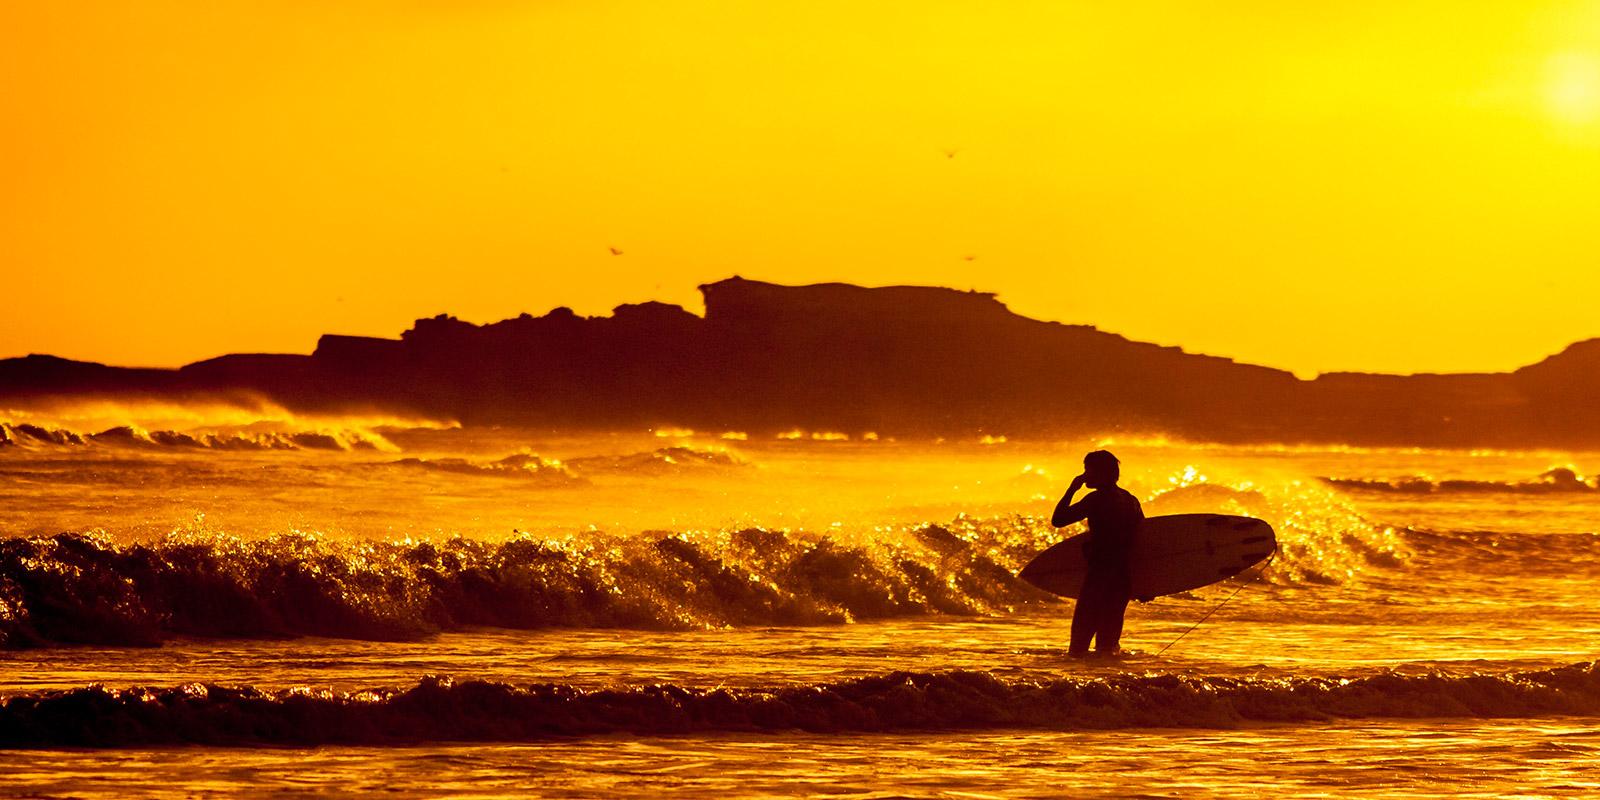 Wellenreiter, der mit Surfbrett in der Hand aufs Meer hinausblickt - Deaf IT Konferenz #event #deafit